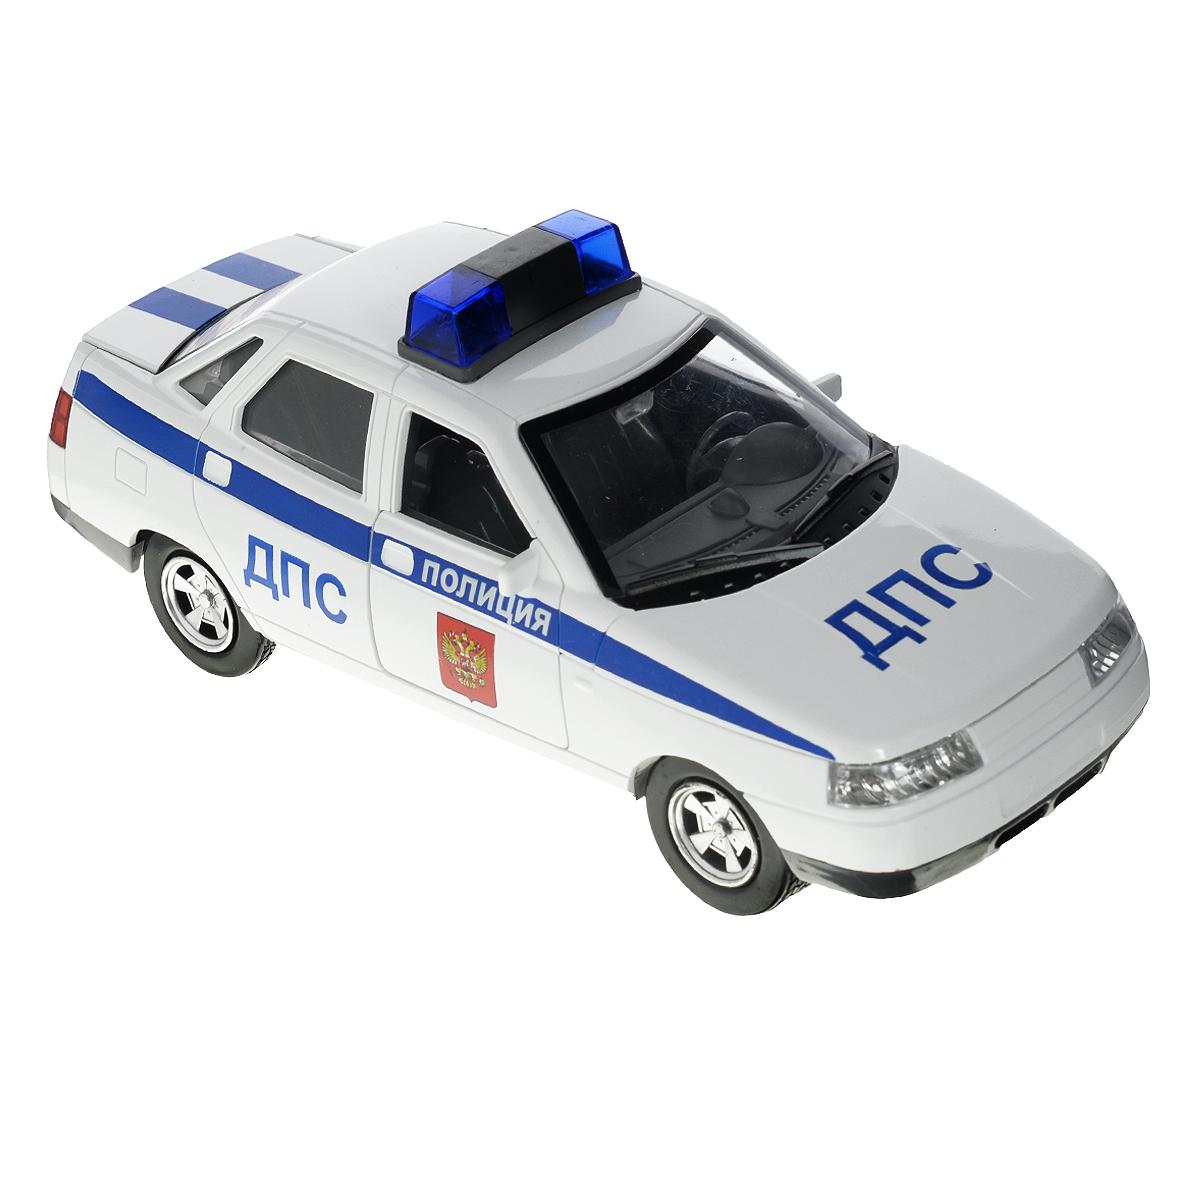 ТехноПарк Машинка инерционная Lada 110 ДПС цвет белый синийA553-H11060Машинка ТехноПарк Lada 110: Полиция (ДПС), выполненная из безопасного пластика в виде полицейской машины, станет любимой игрушкой вашего малыша. У машины открываются передние двери и багажник. При нажатии кнопки на корпусе машины начинает светиться мигалка под звуки, характерные для ситуации. Игрушка оснащена инерционным ходом. Машинку необходимо отвести назад, затем отпустить - и она быстро поедет вперед. Прорезиненные колеса обеспечивают надежное сцепление с любой поверхностью пола. Ваш ребенок будет часами играть с этой машинкой, придумывая различные истории. Порадуйте его таким замечательным подарком! Рекомендуется докупить 3 батарейки напряжением 1,5V типа LR44 (товар комплектуется демонстрационными).